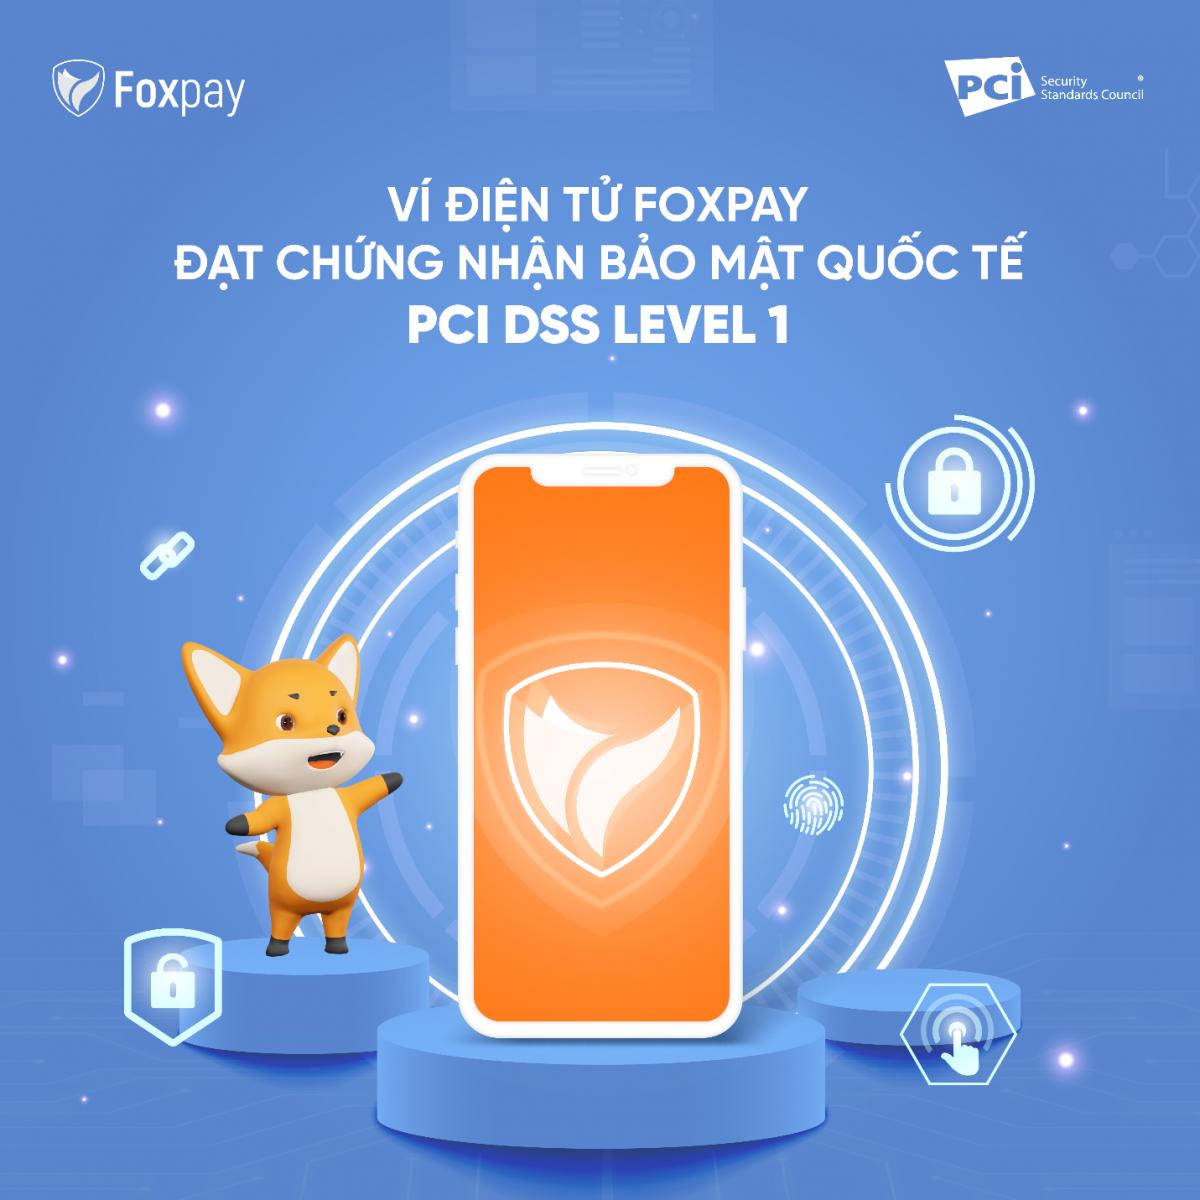 FOXPAY - Ví điện tử của FPT Telecom